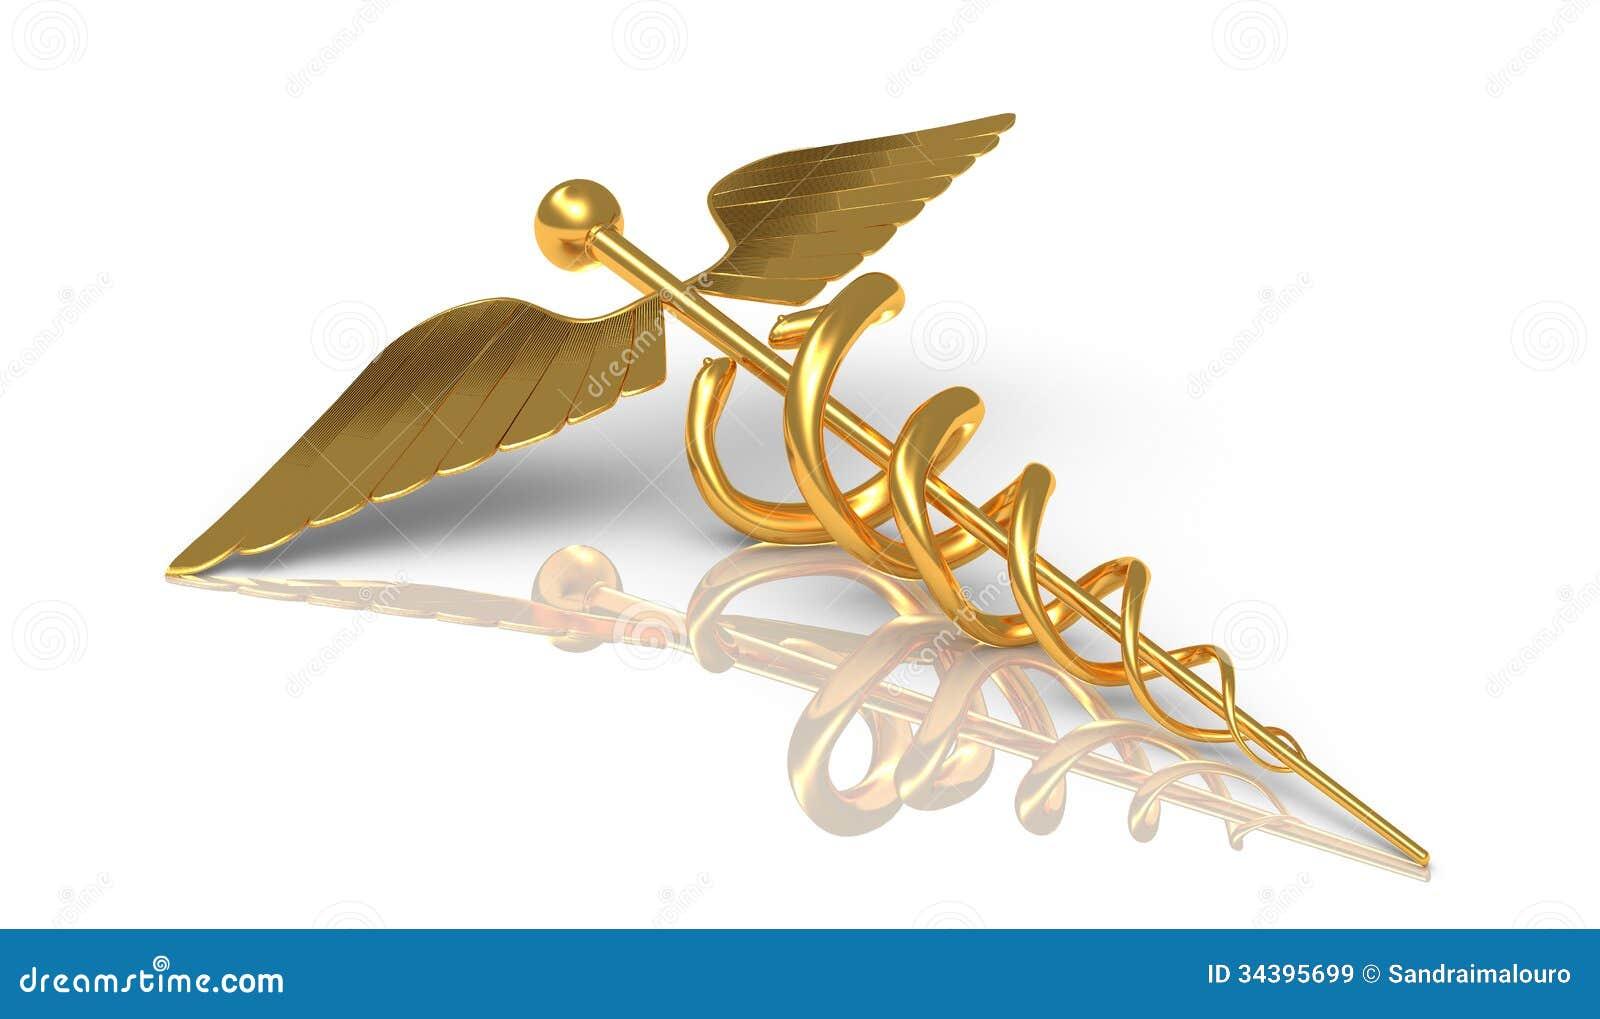 Caduceus i guld - Hermes det grekiska symbolet - stift med ormen